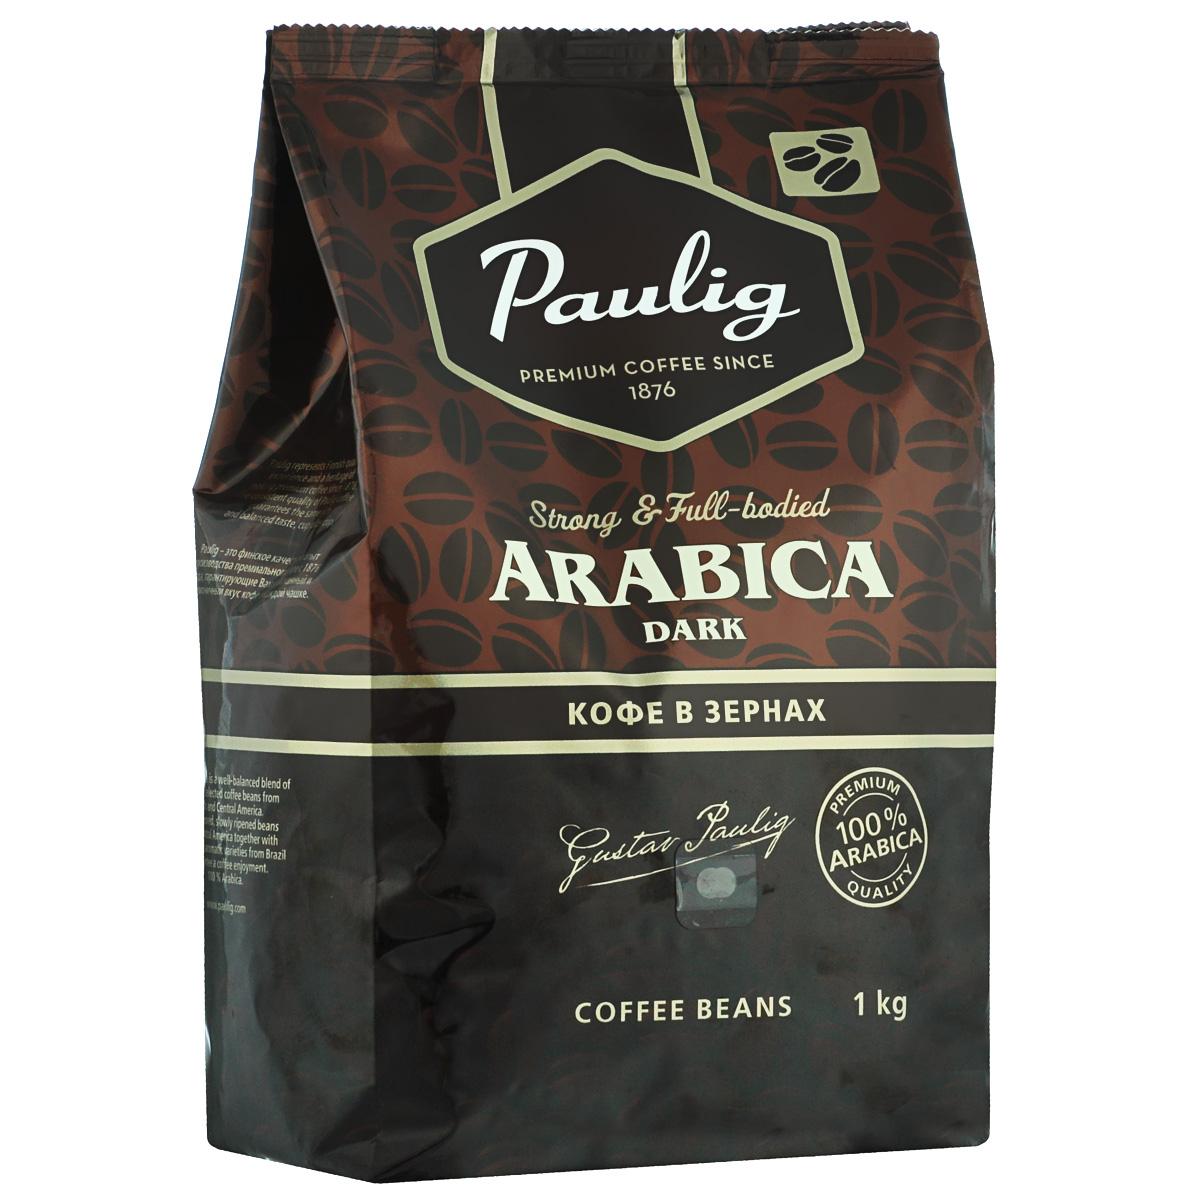 Paulig Arabica Dark кофе в зернах, 1 кг101246Paulig Arabica – это прекрасно сбалансированная смесь тщательно отобранных кофейных зерен из Южной и Центральной Америки. Все богатство аромата медленно созревающих зерен из Центральной Америки в сочетании со сладкими нотами и бархатистым вкусом бразильских сортов гарантируют вам наслаждение.